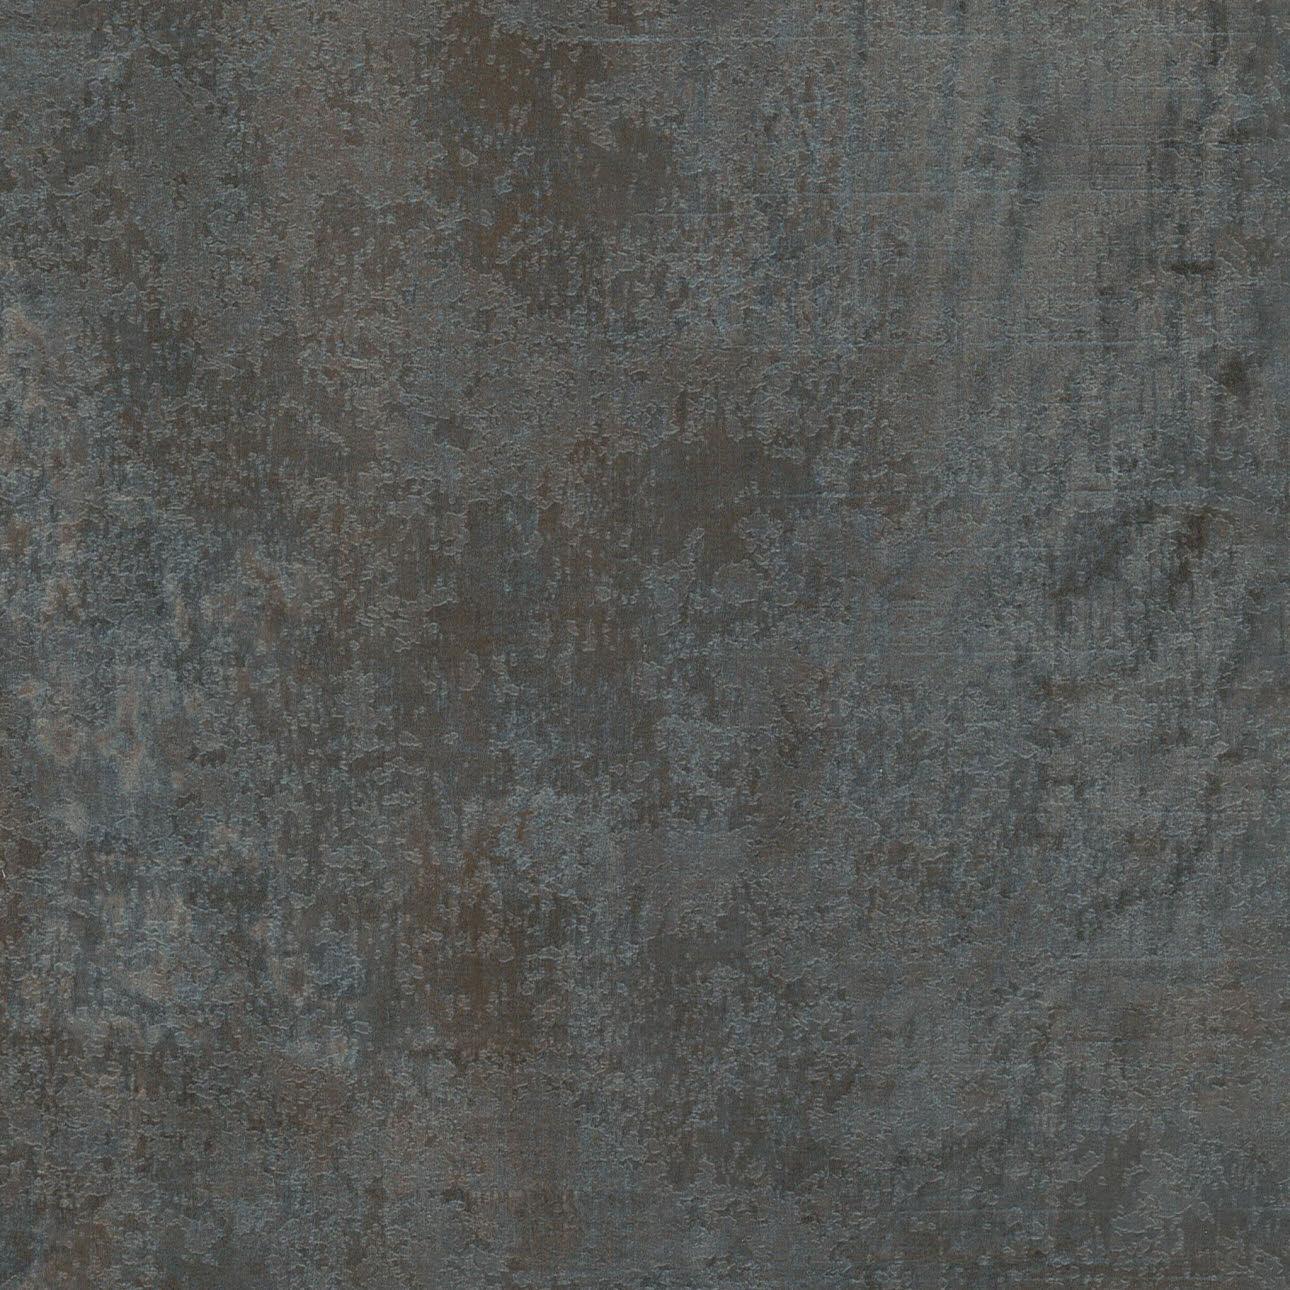 arbeitsplatte k che eiche grau diy k che versch nern arbeitsplatte ebay spritzschutz plexiglas. Black Bedroom Furniture Sets. Home Design Ideas